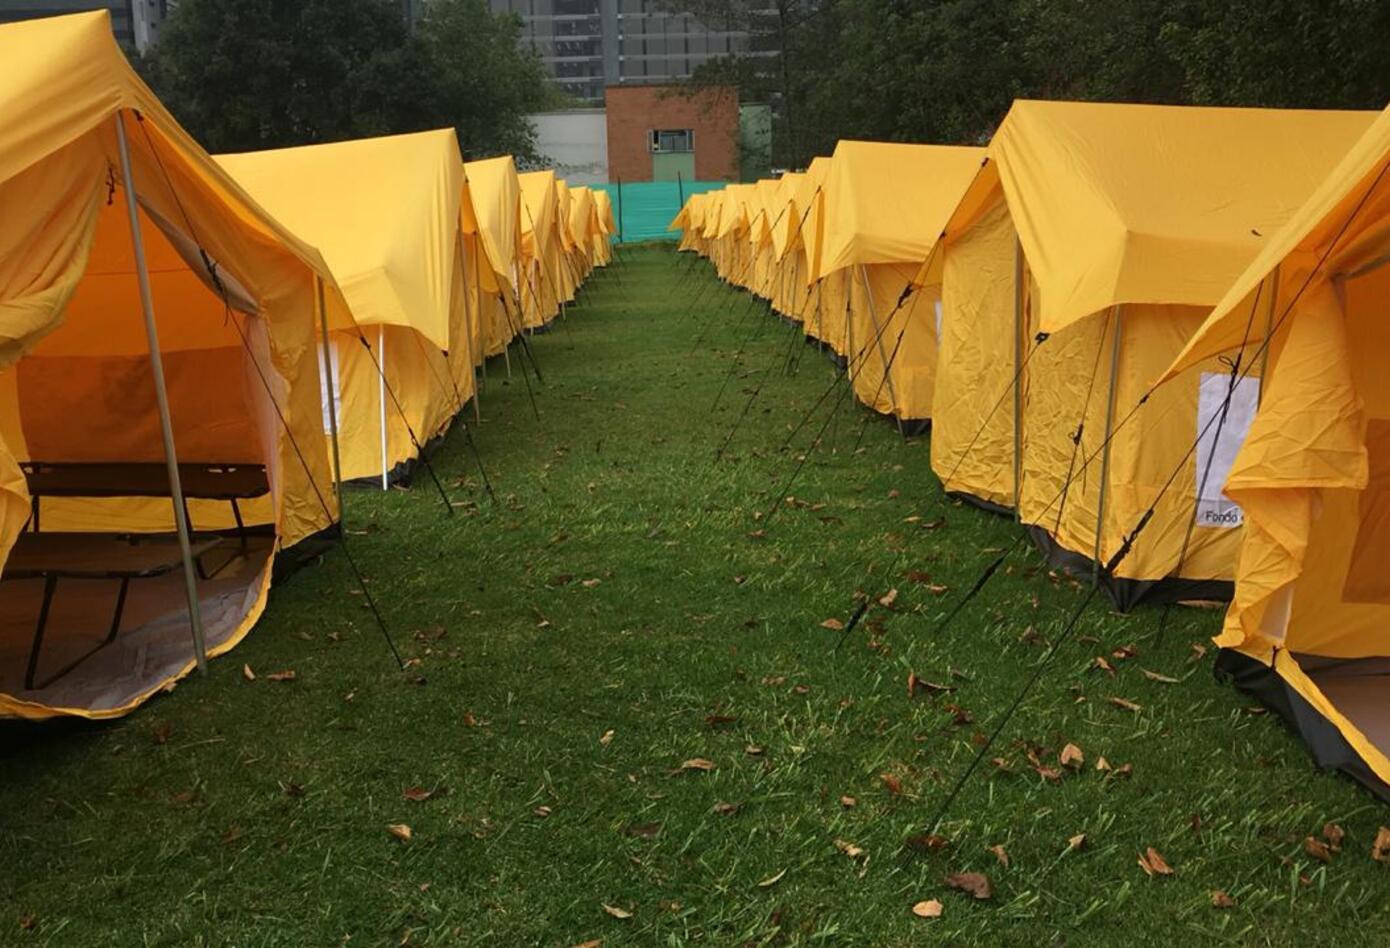 Centro humanitario de paso para venezolanos 2